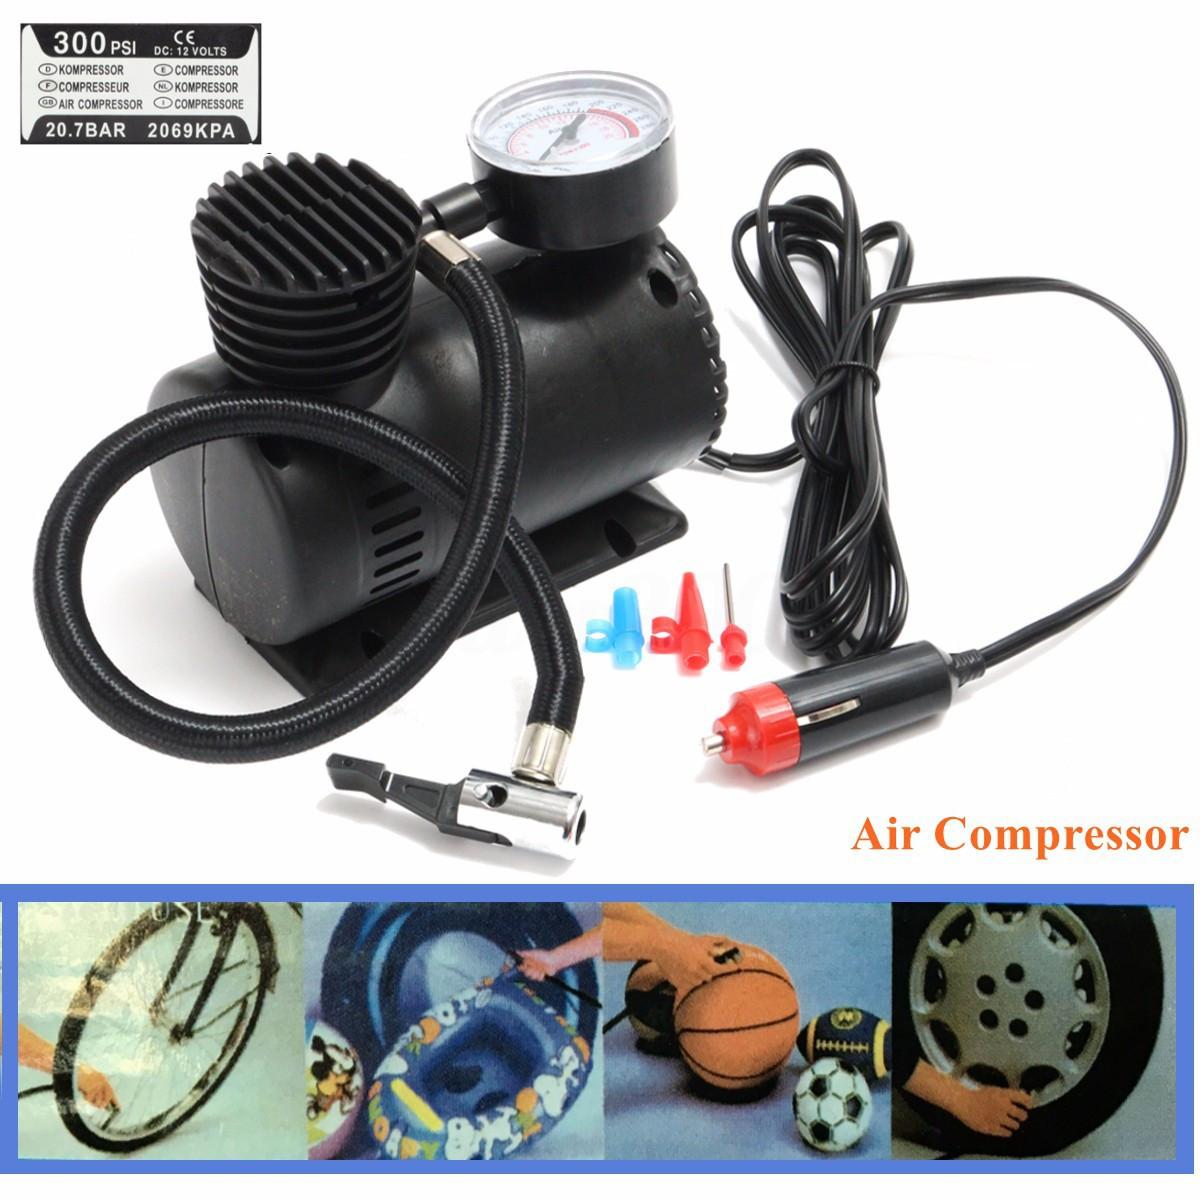 Автомобильный насос (компрессор) Air Compressor DC-12V.